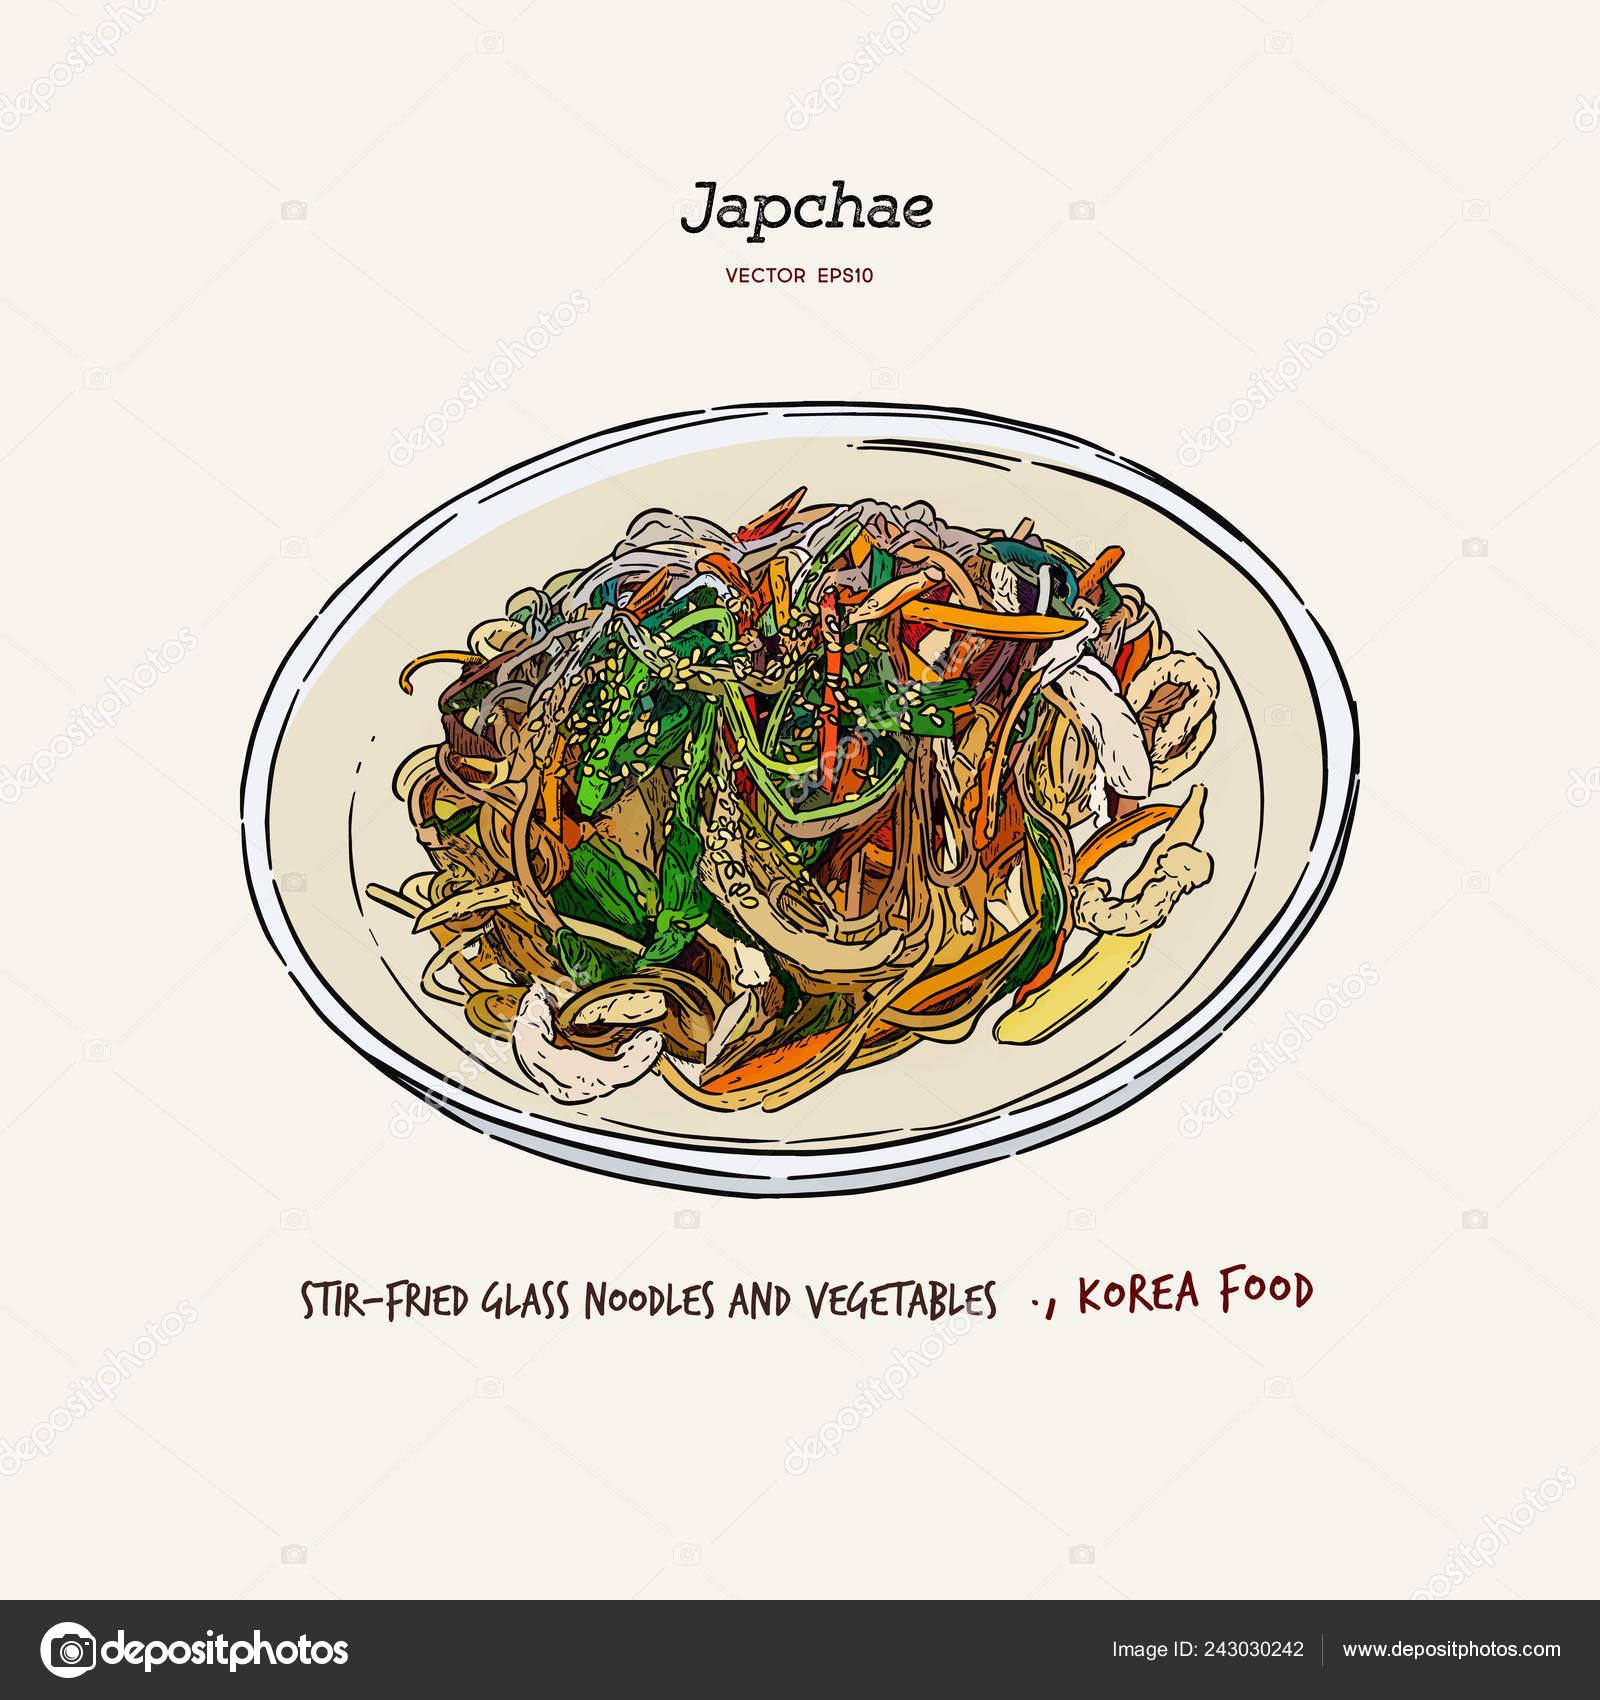 Stir Fried Glass Noodles Vegetables Japchae Korea Food Hand Draw